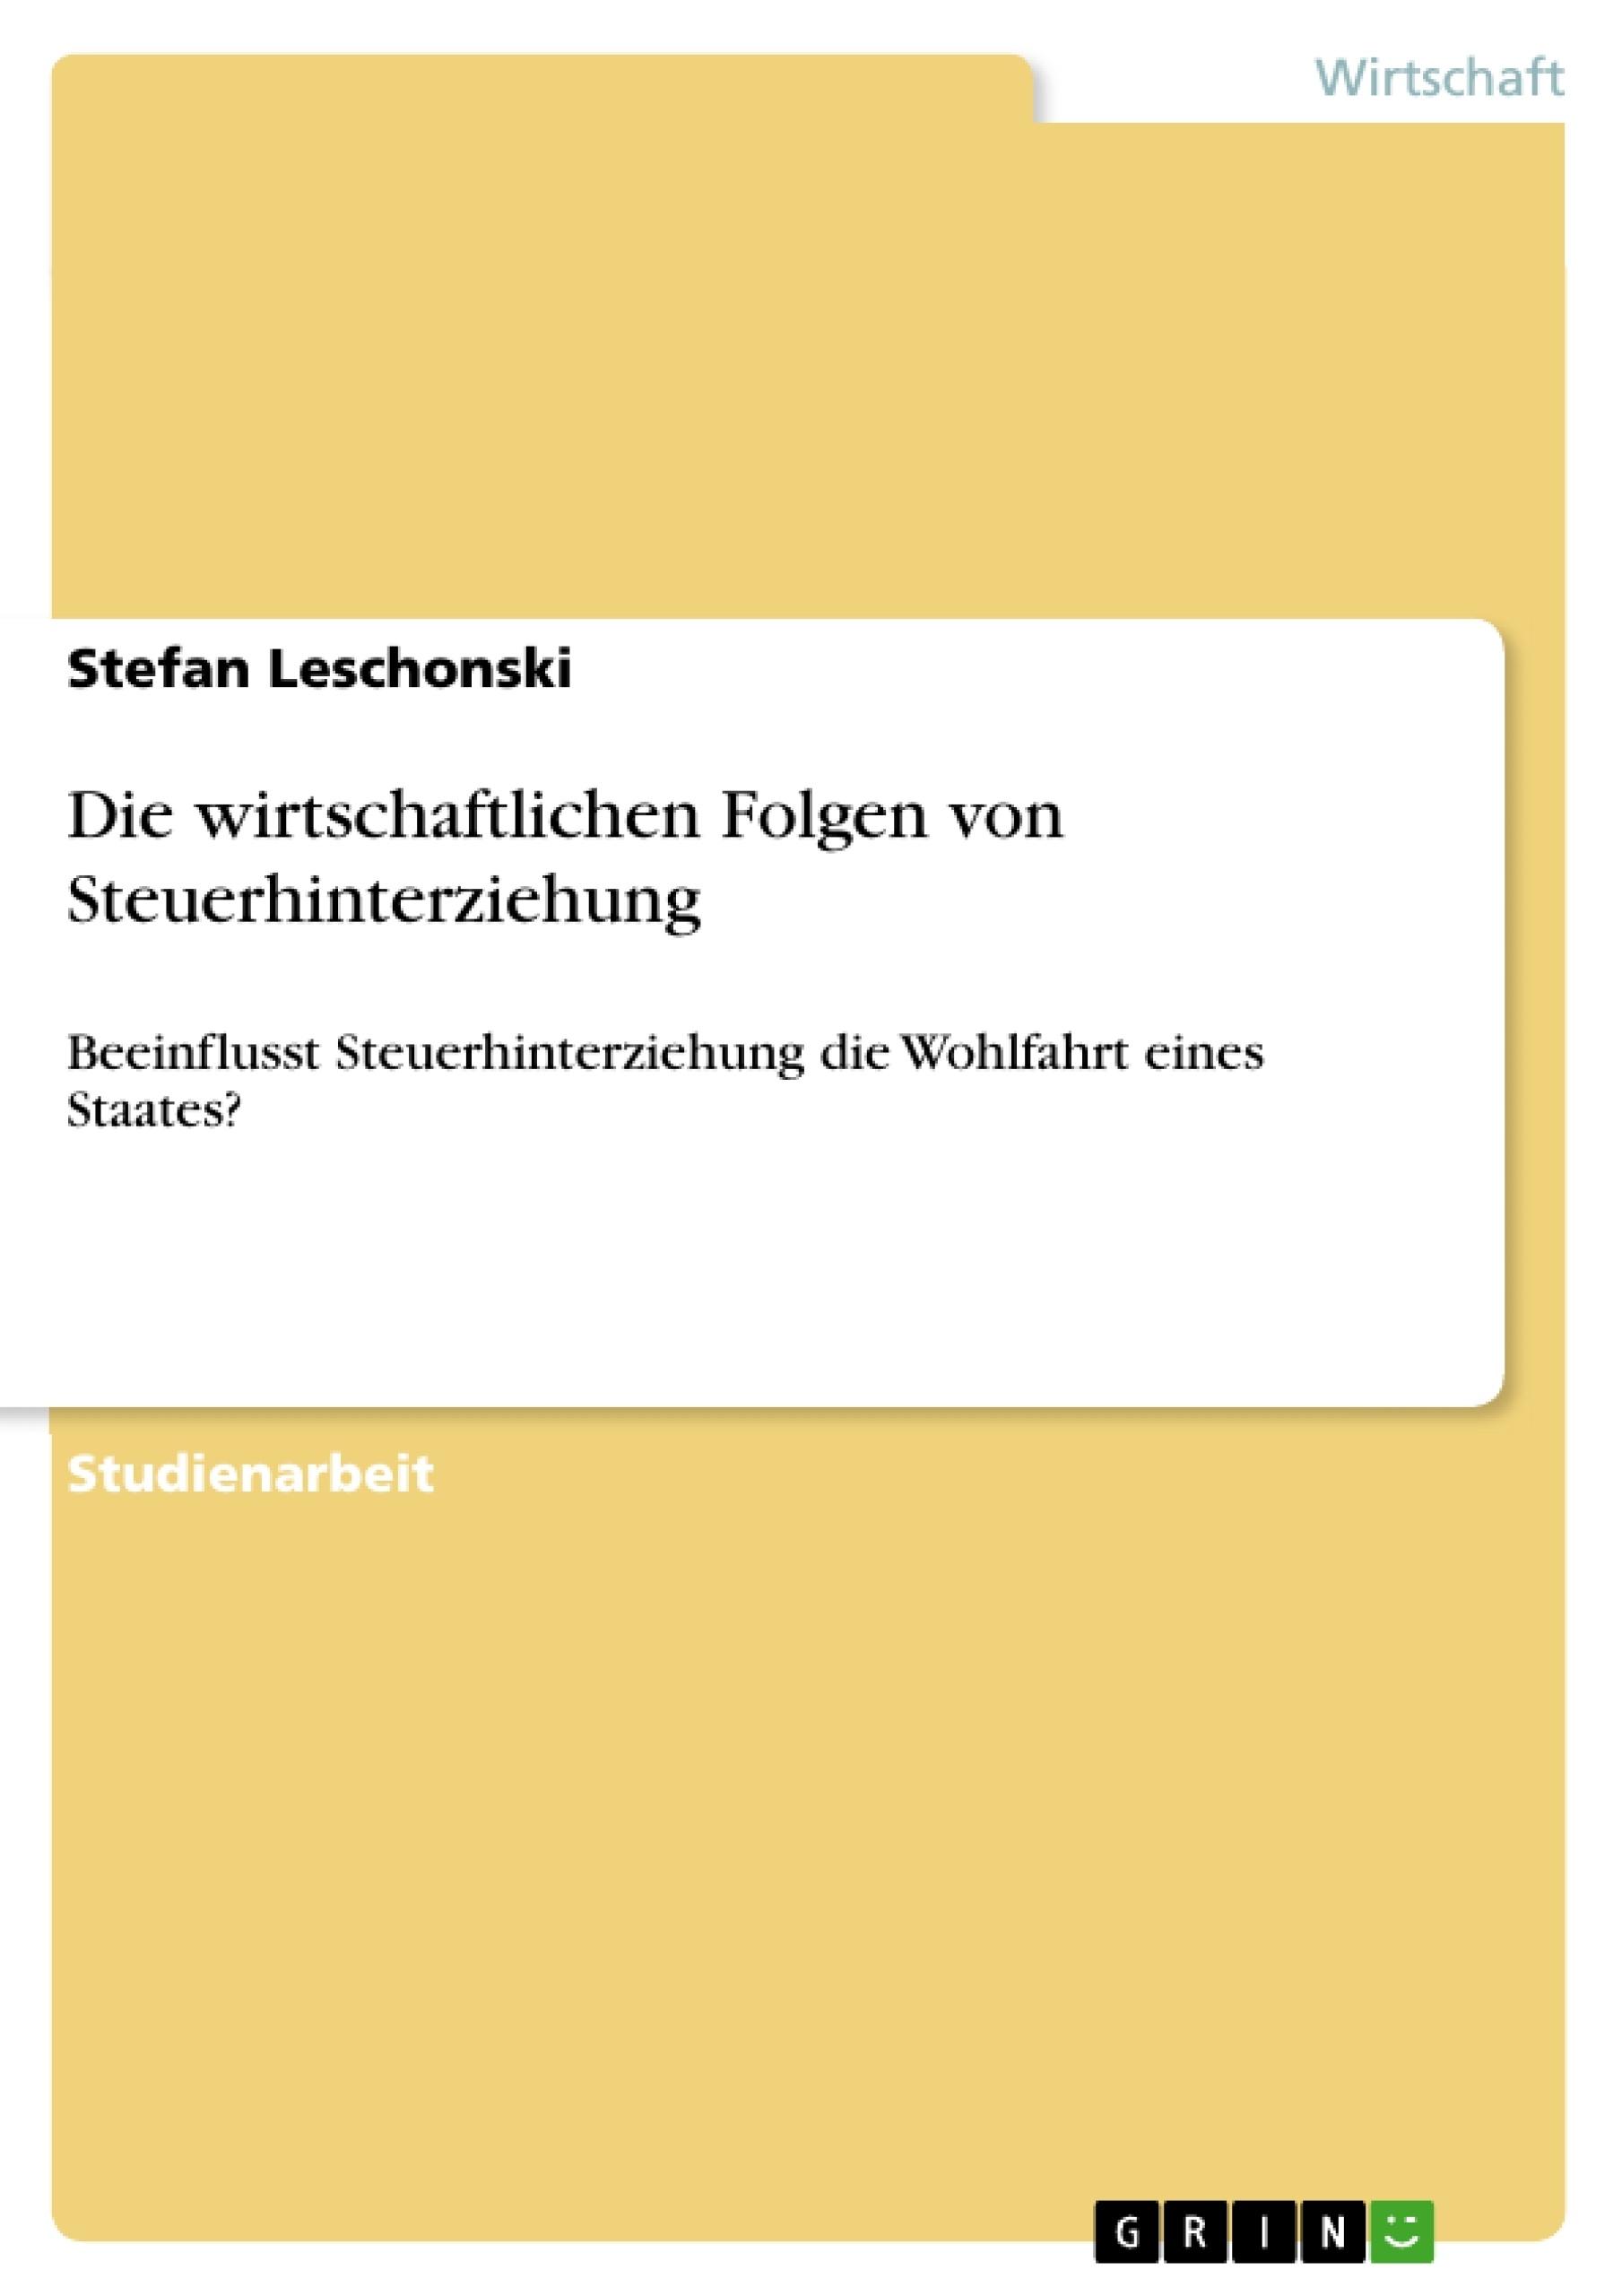 Titel: Die wirtschaftlichen Folgen von Steuerhinterziehung